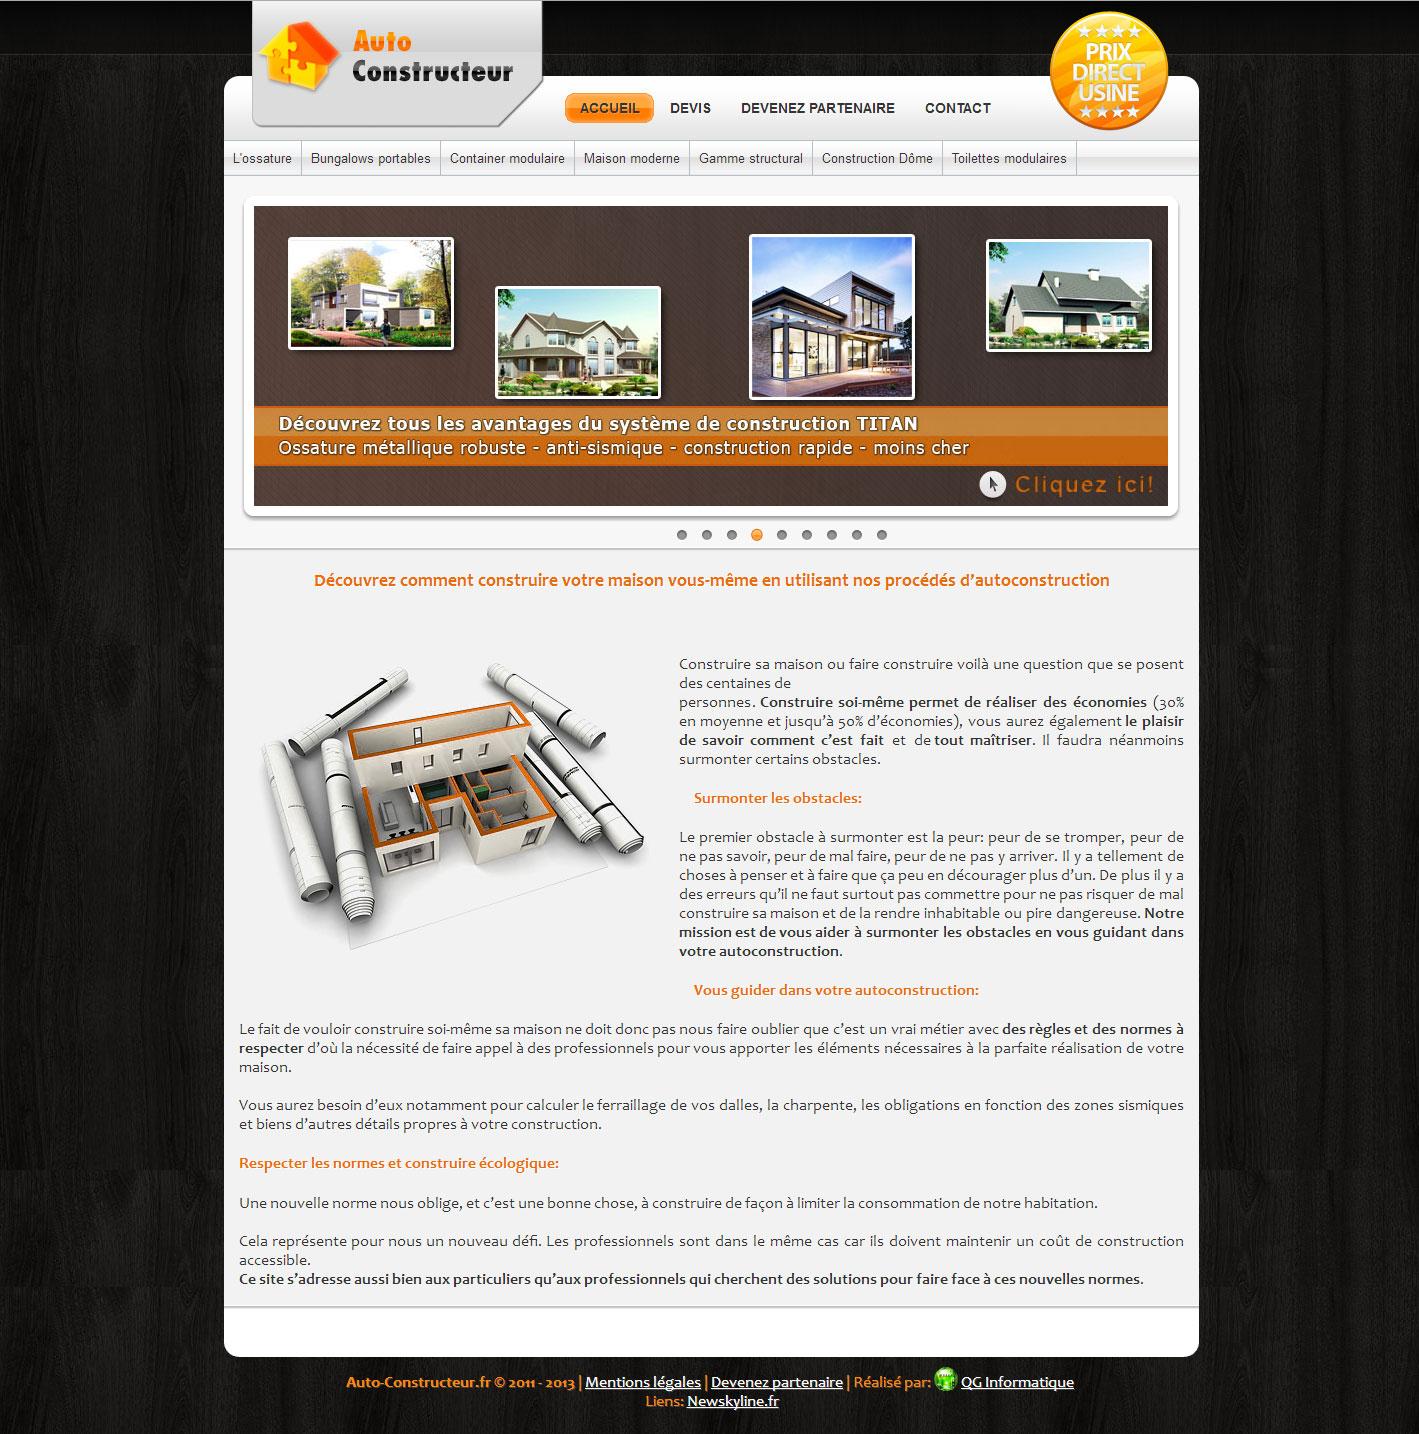 Site dynamique auto qg informatique for Site constructeur